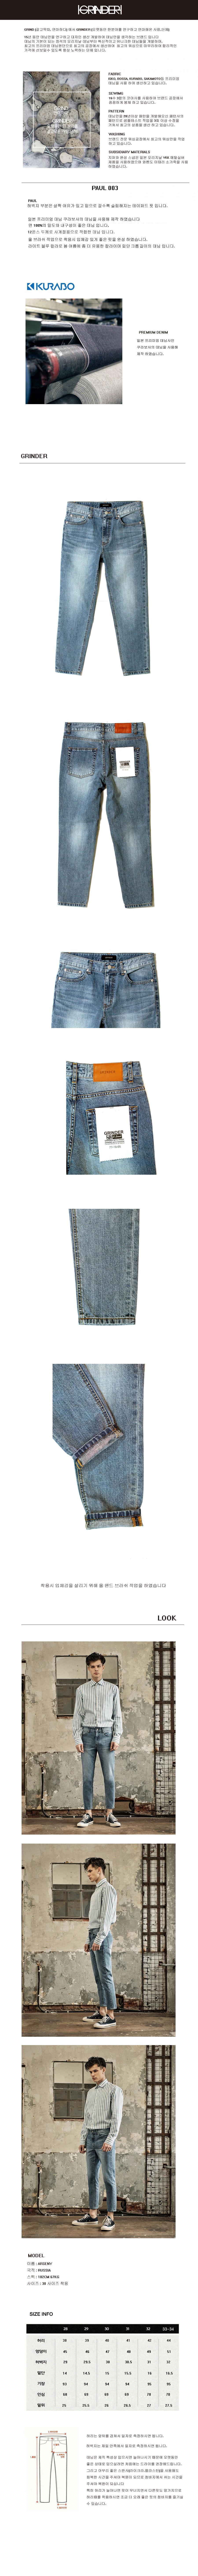 언터치드(UNTOUCHED) [GRINDER] PAUL 003 - CROP